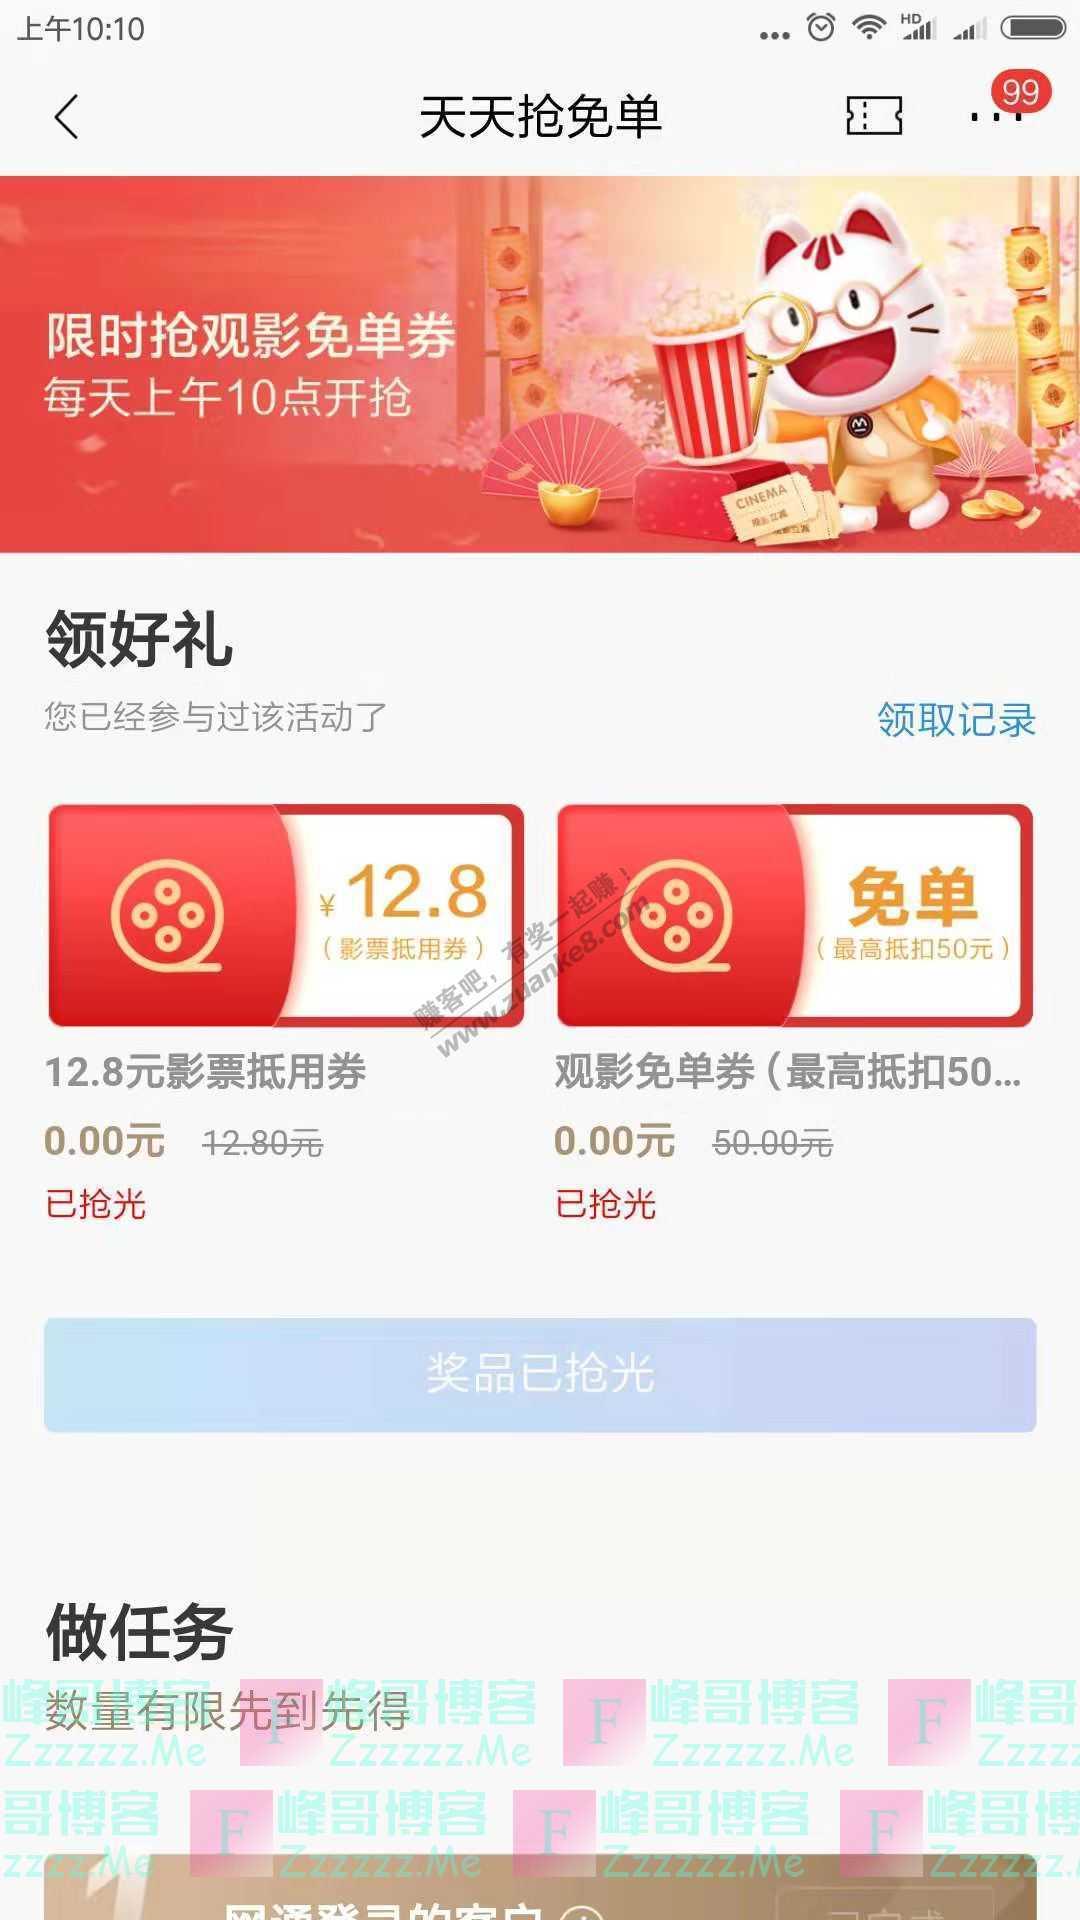 招商银行app天天抢免单(截止1月31日)